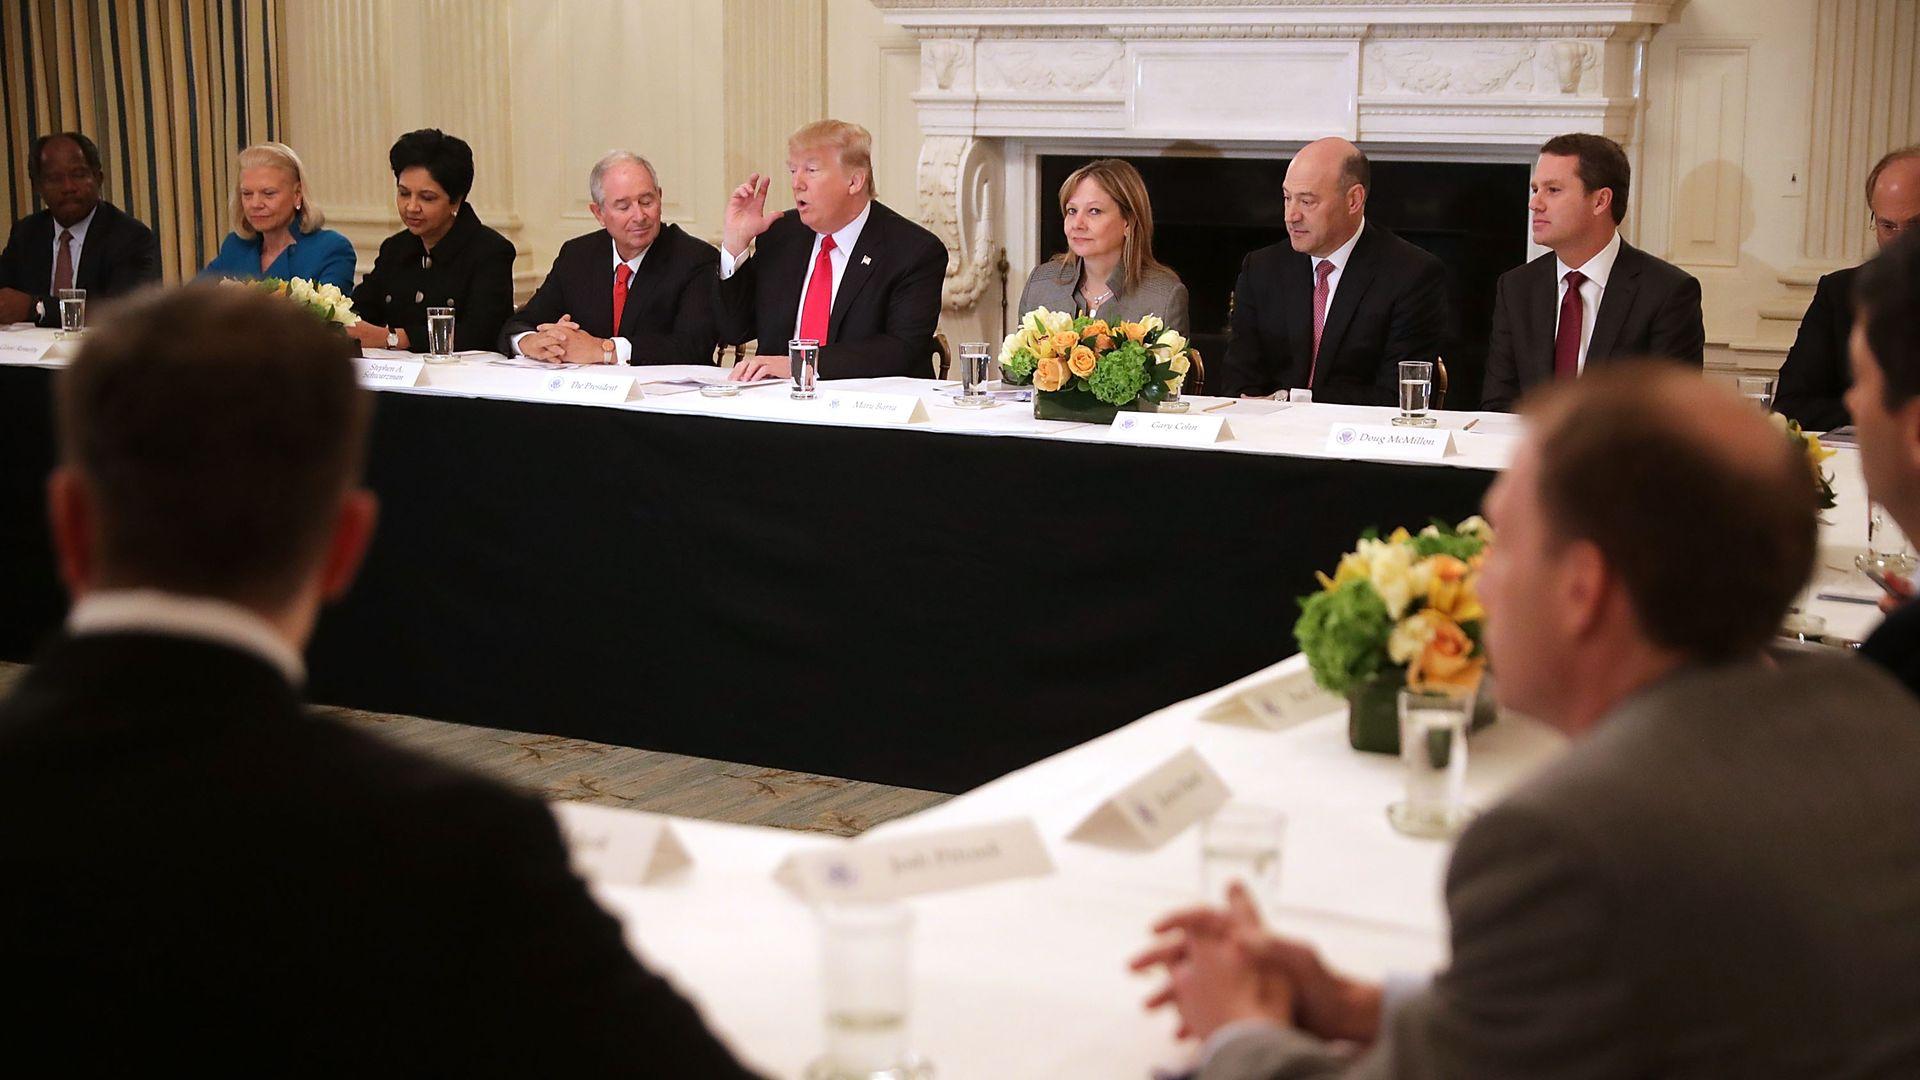 Trump with CEOs